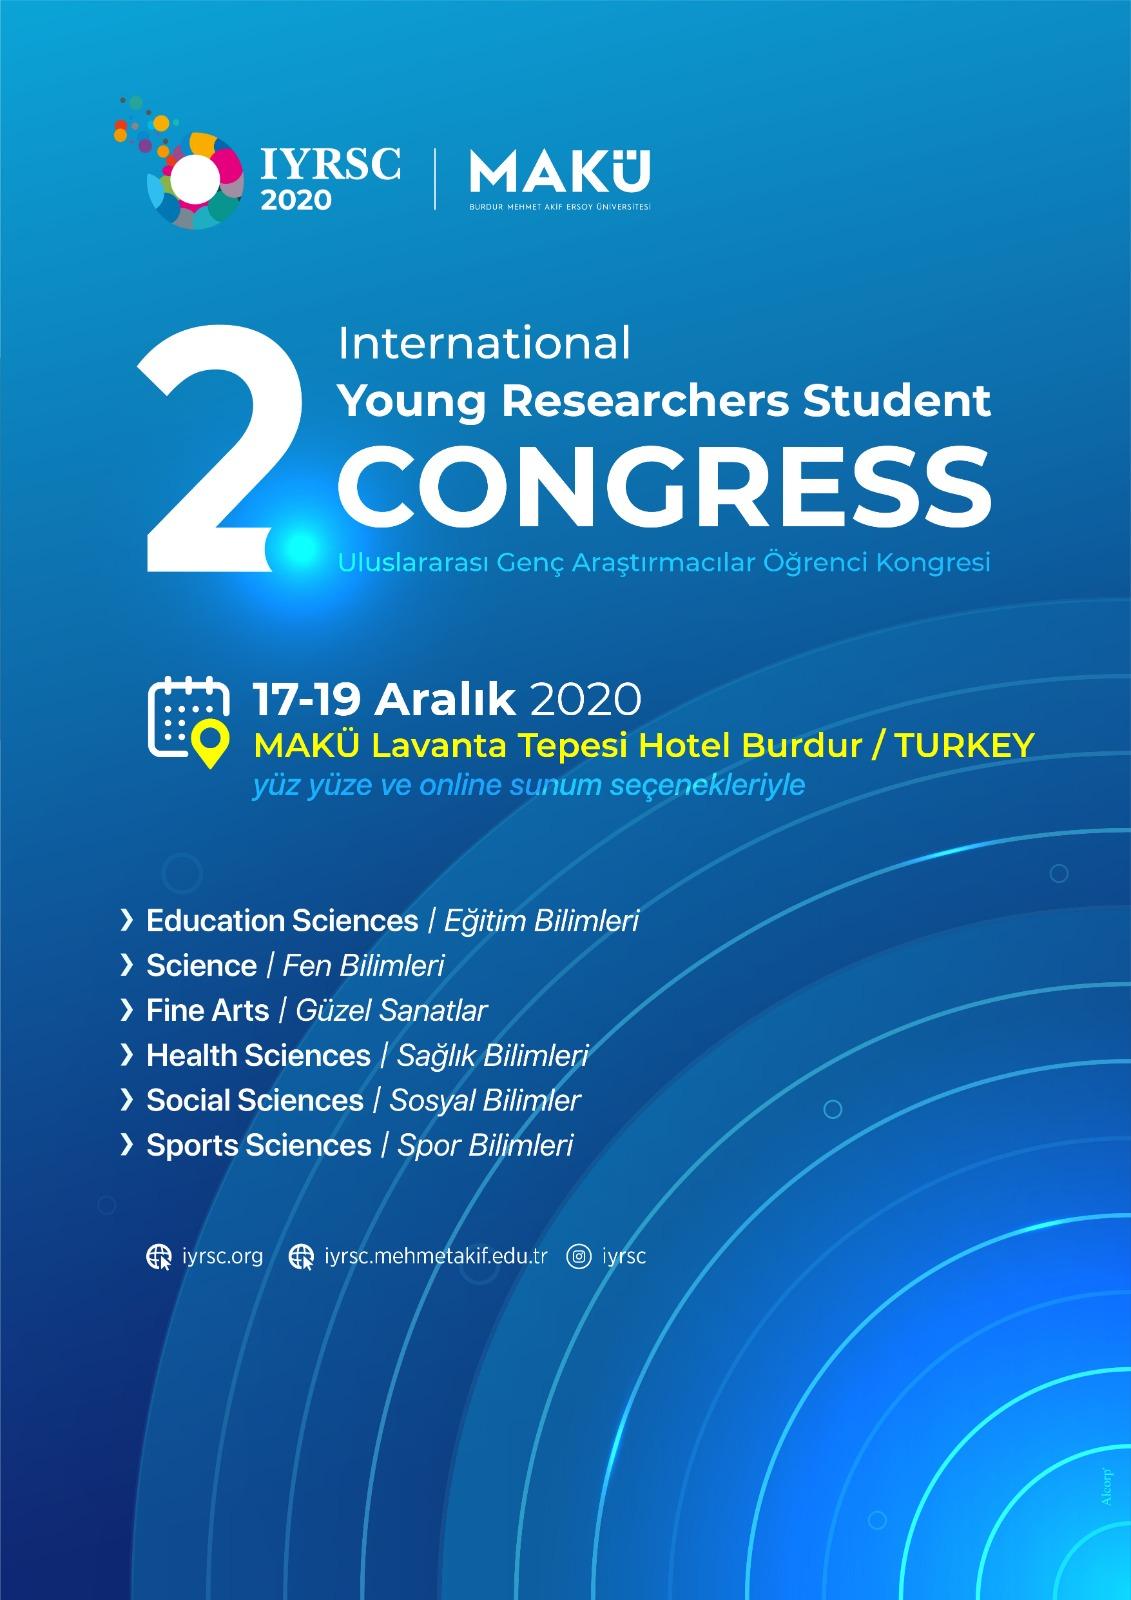 2. Uluslararası Genç Araştırmacılar Öğrenci Kongresi